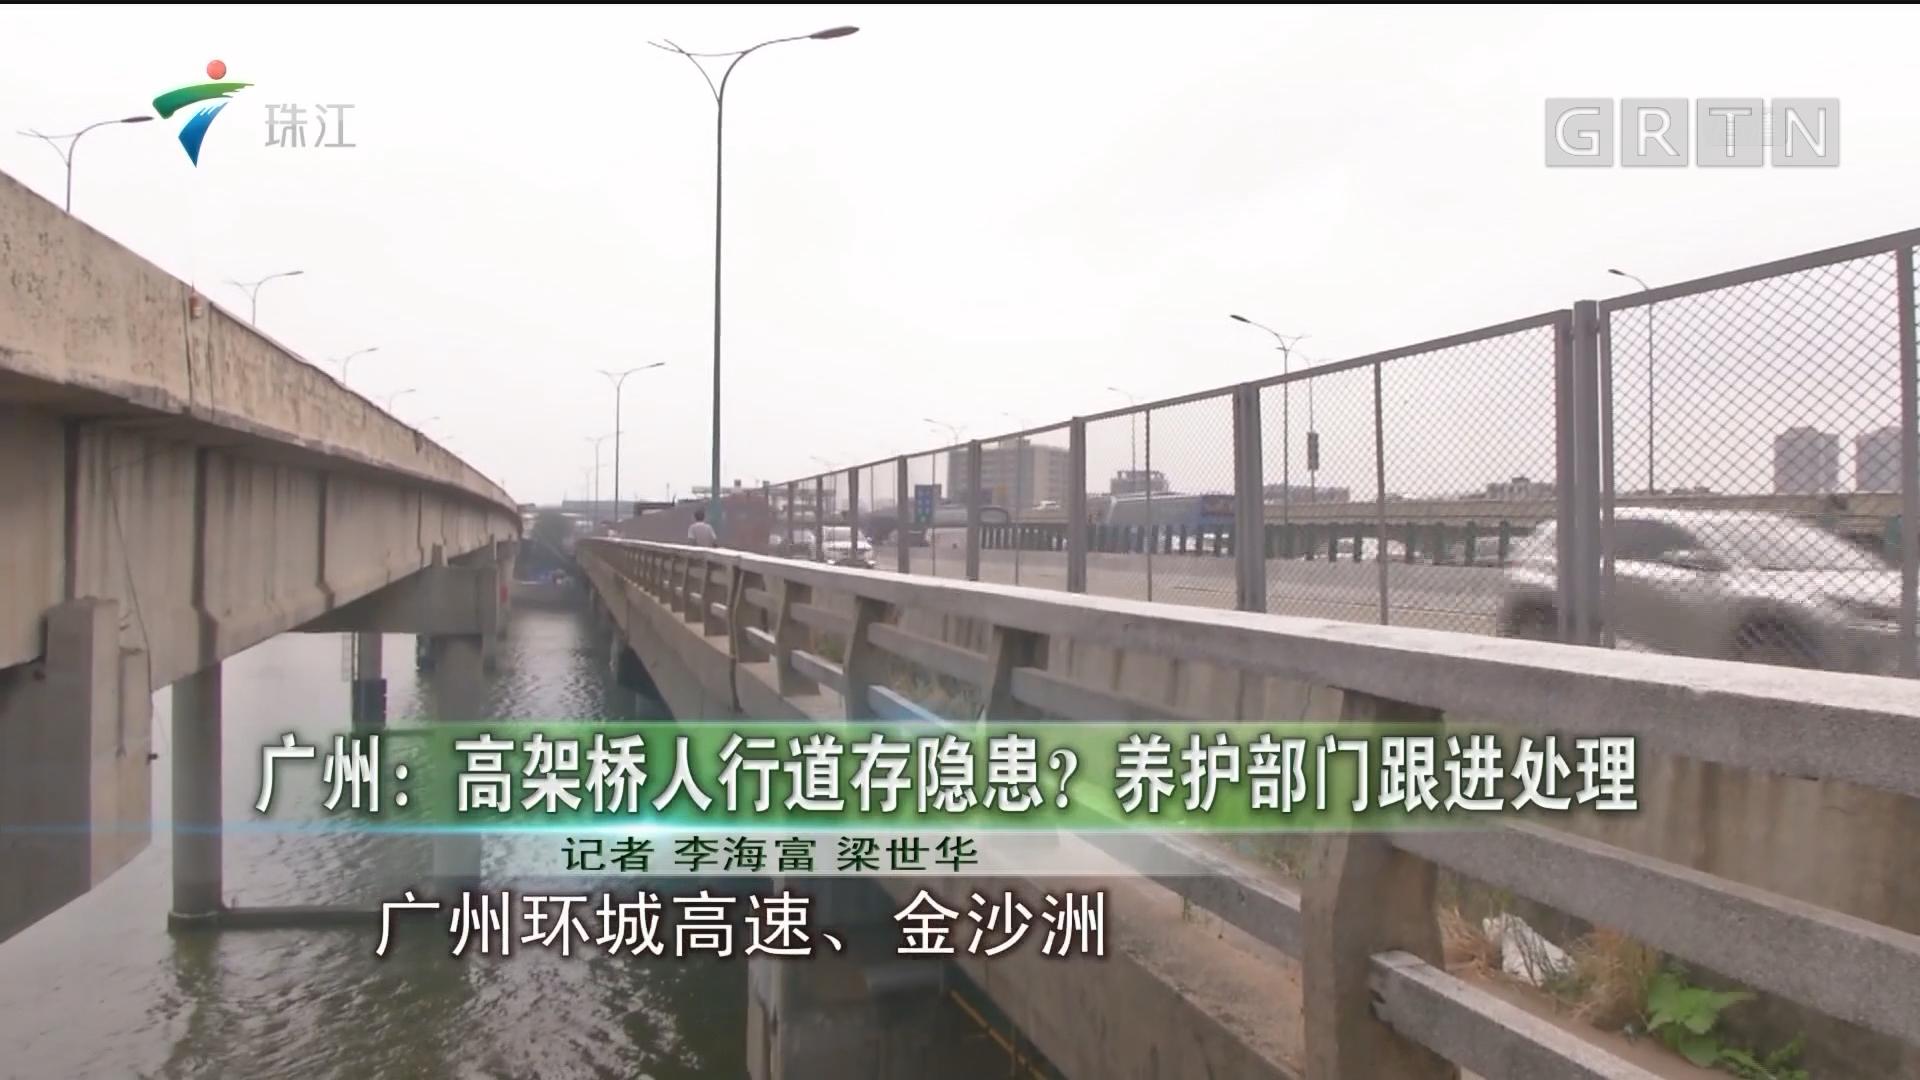 广州:高架桥人行道存隐患?养护部门跟进处理